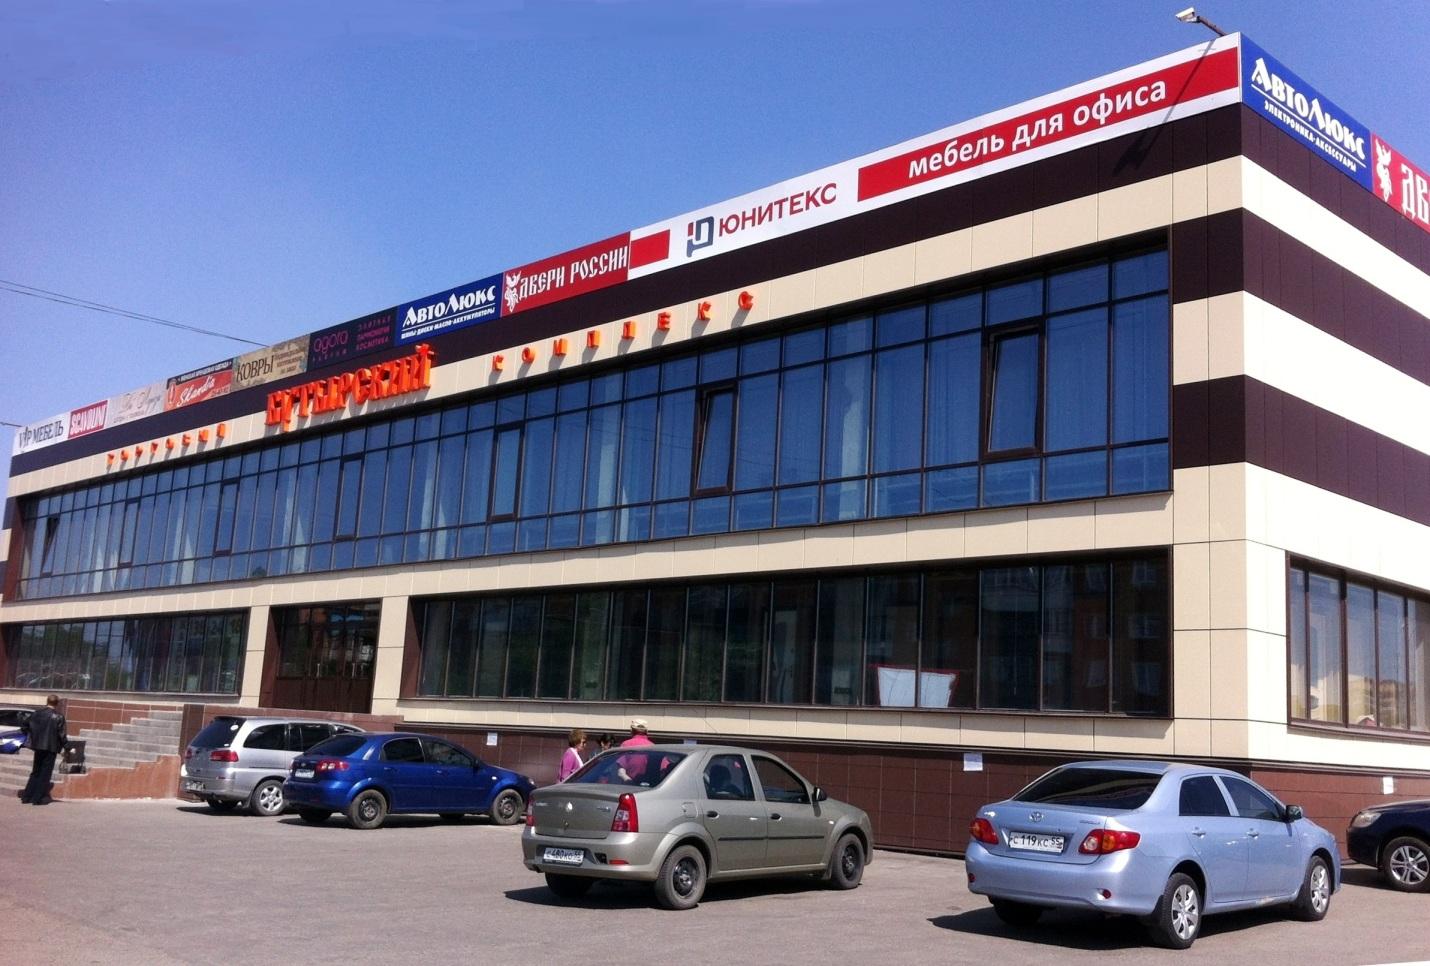 Фасад Юнитекса